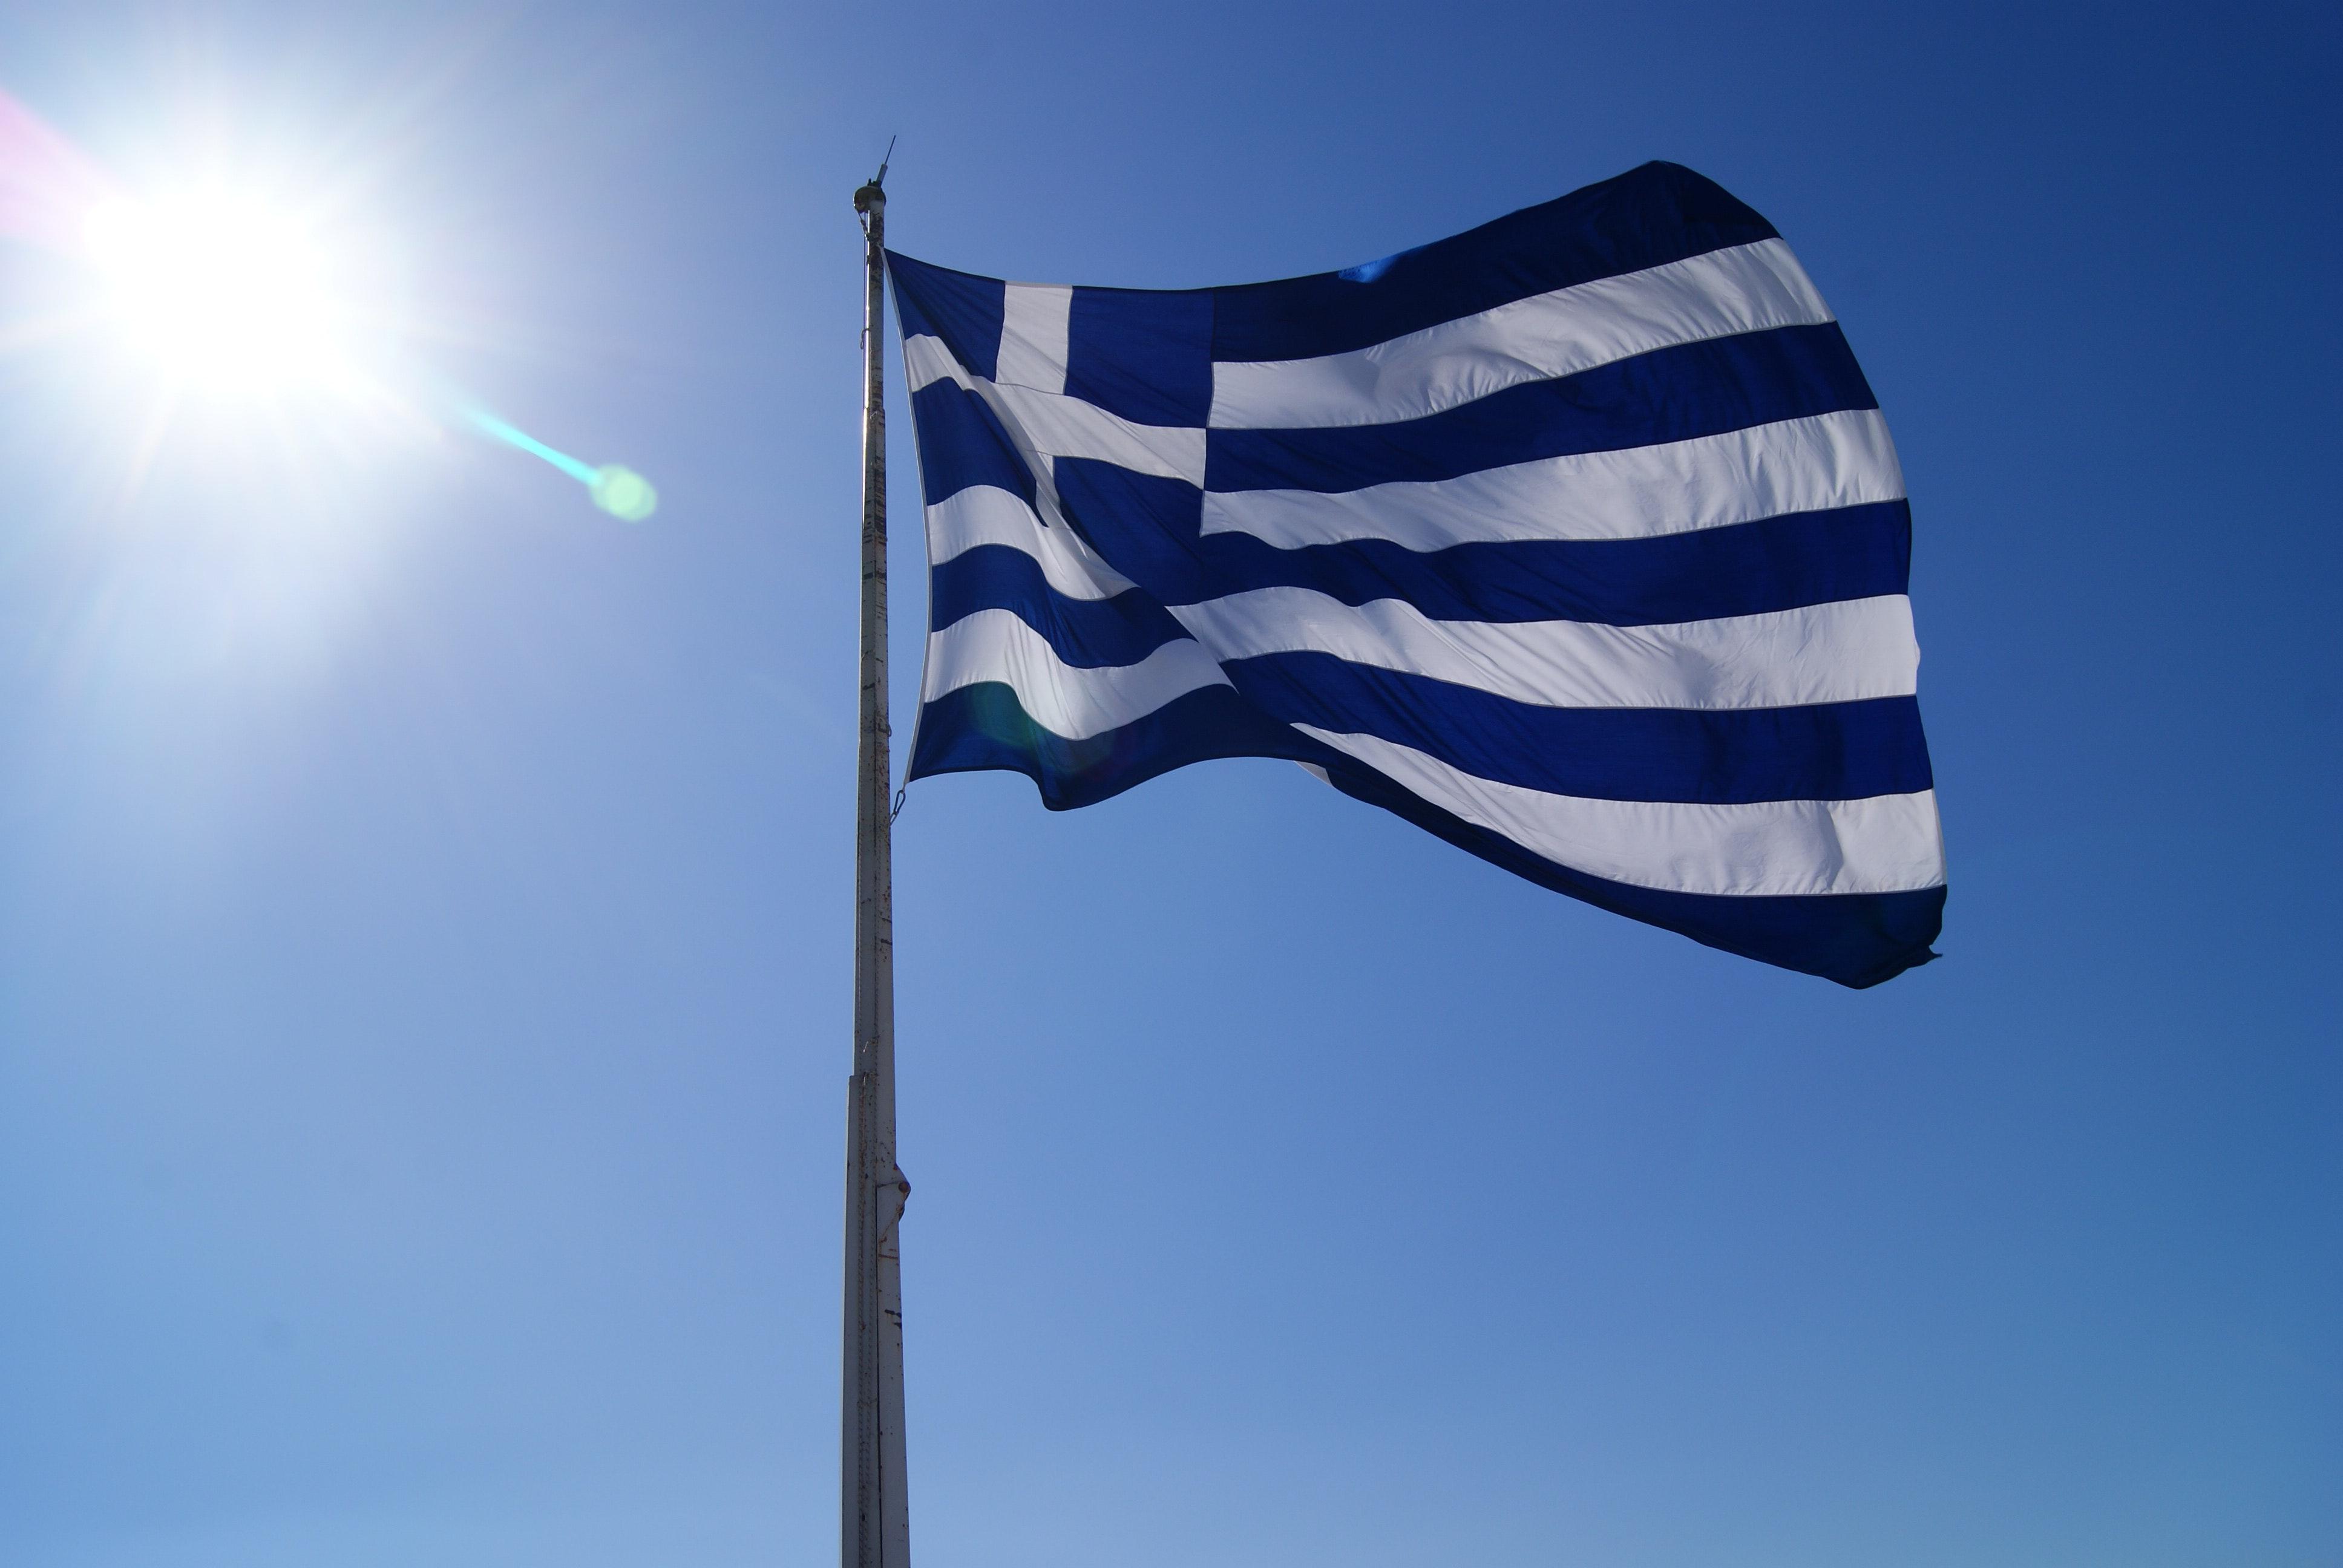 Η Ελλάδα έτοιμη να ξανά ανοίξει για τους τουρίστες στις 15 Ιουνίου με απευθείας πτήσεις από τον Ιούλιο